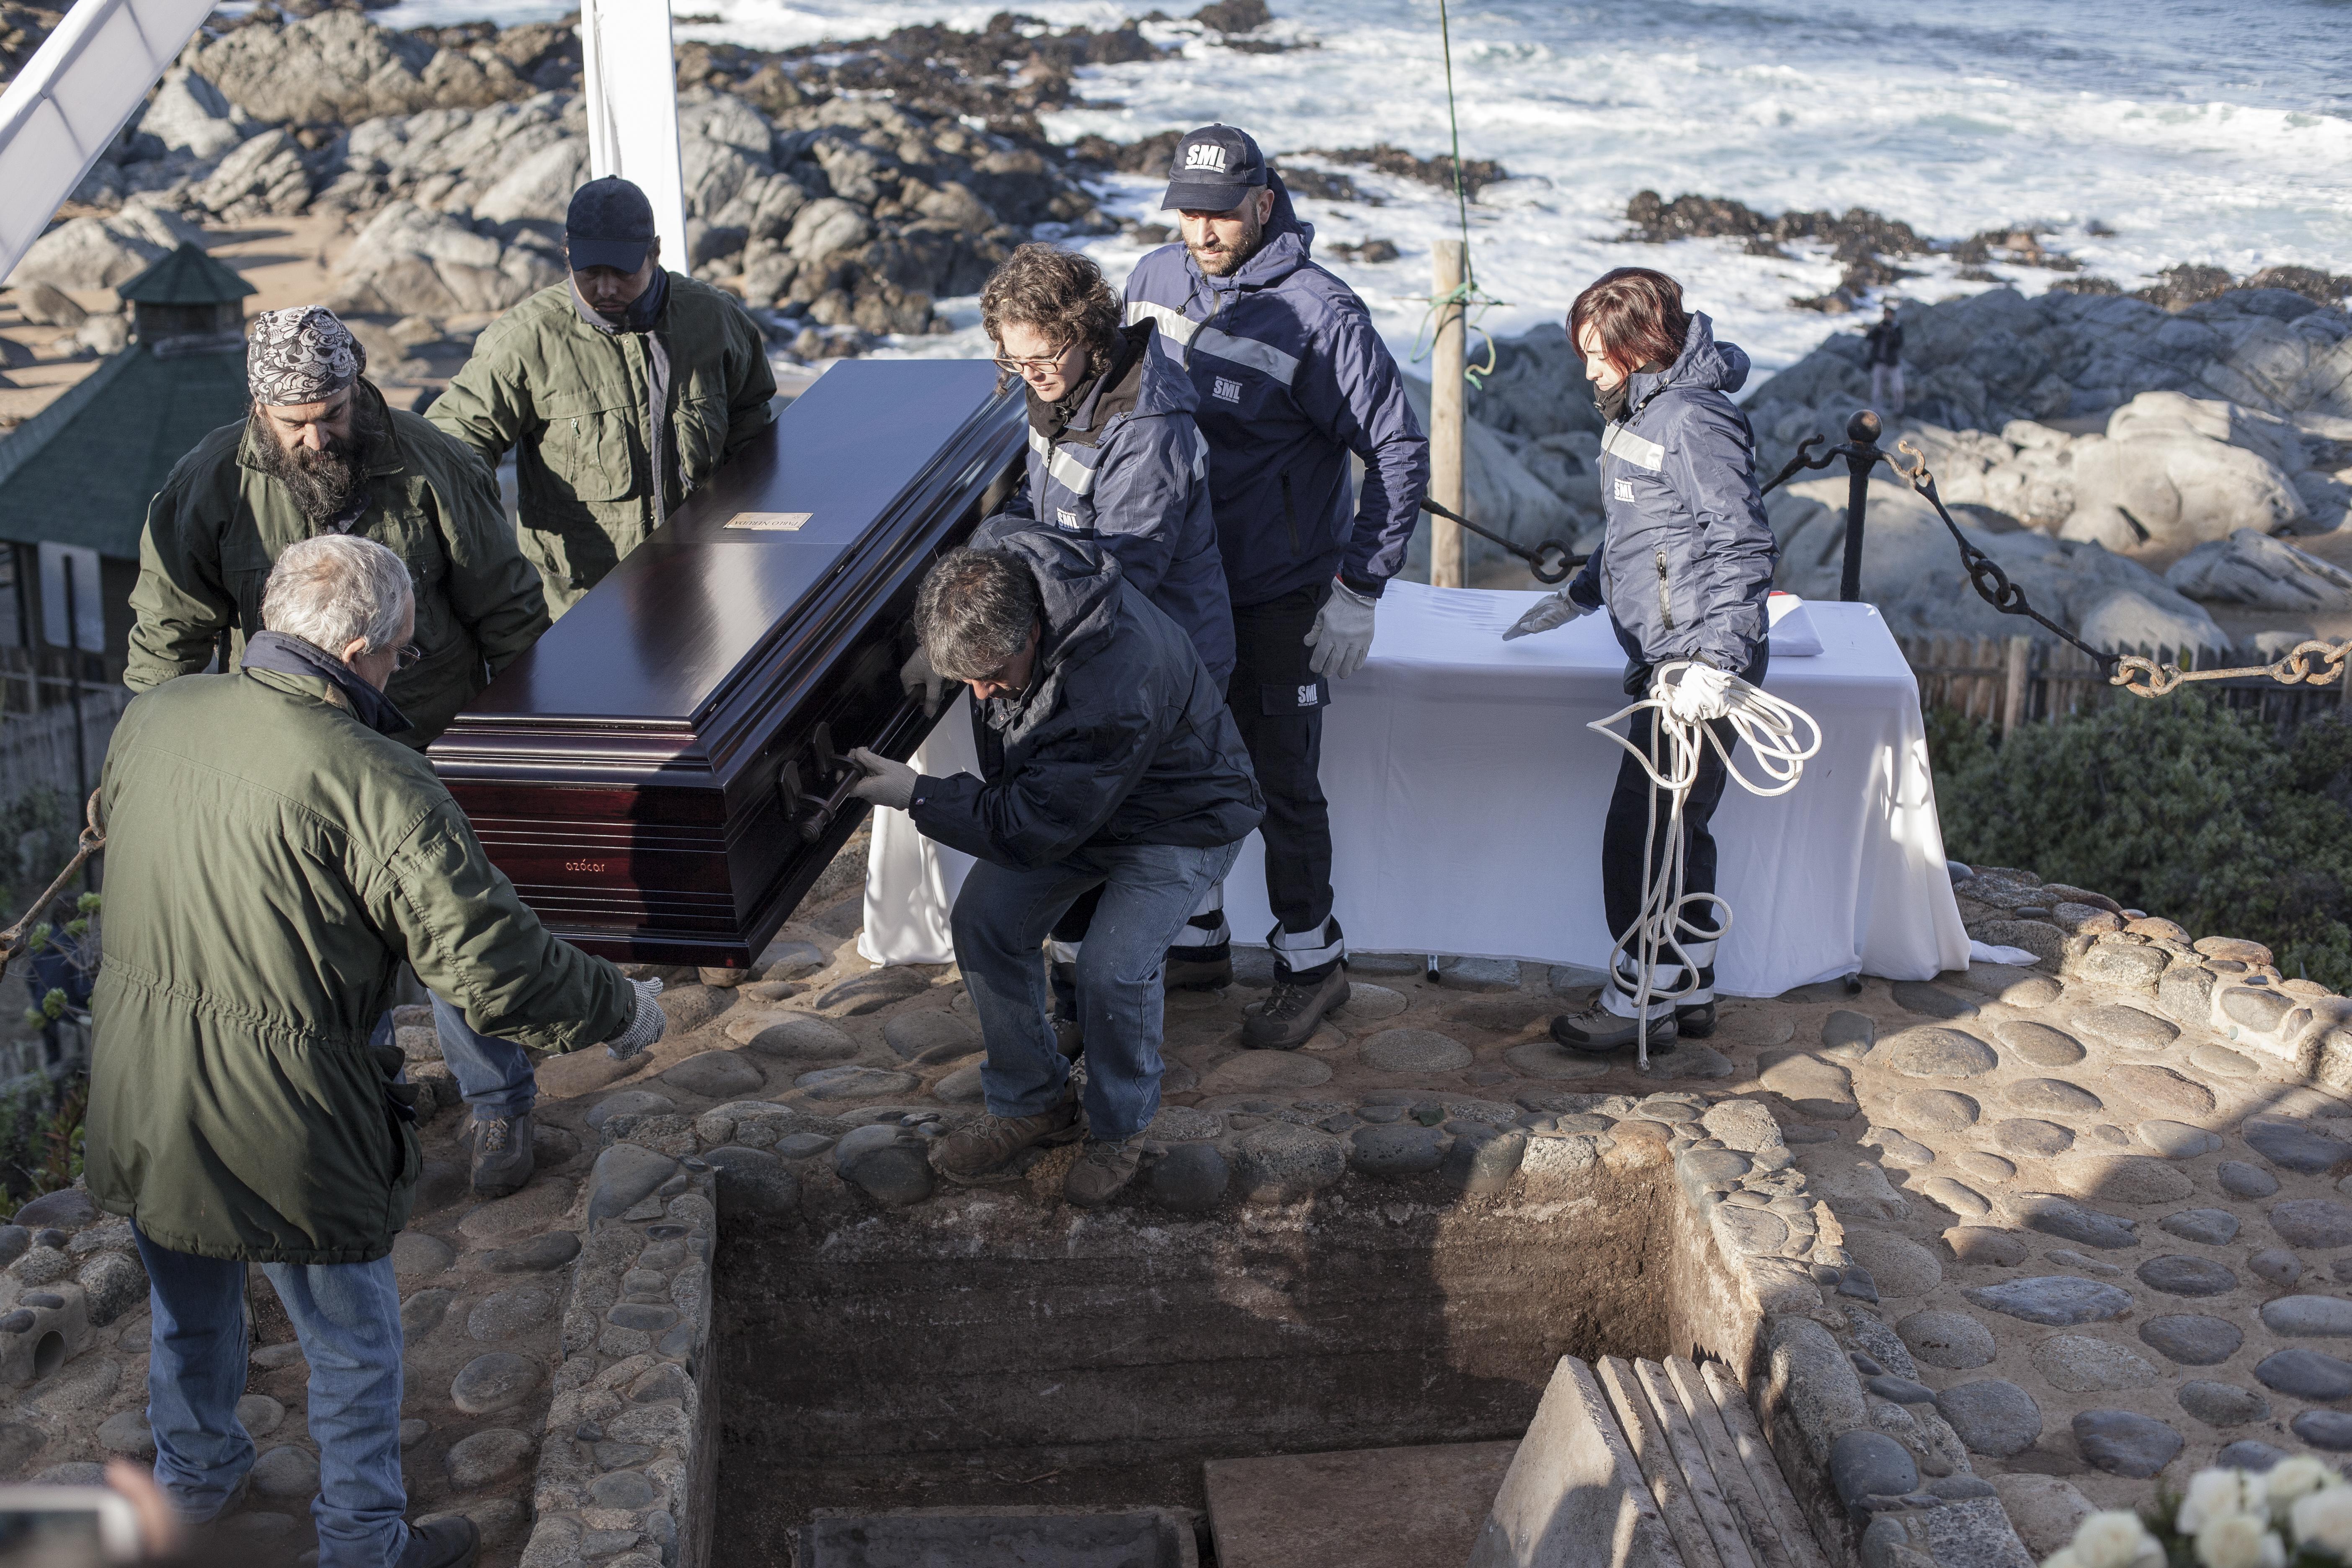 El reinhumación de los restos de Neruda en su tumba en Isla Negra estuvo a cargo de funcionarios del SML y de la PDI ( 26 de abril de 2016).